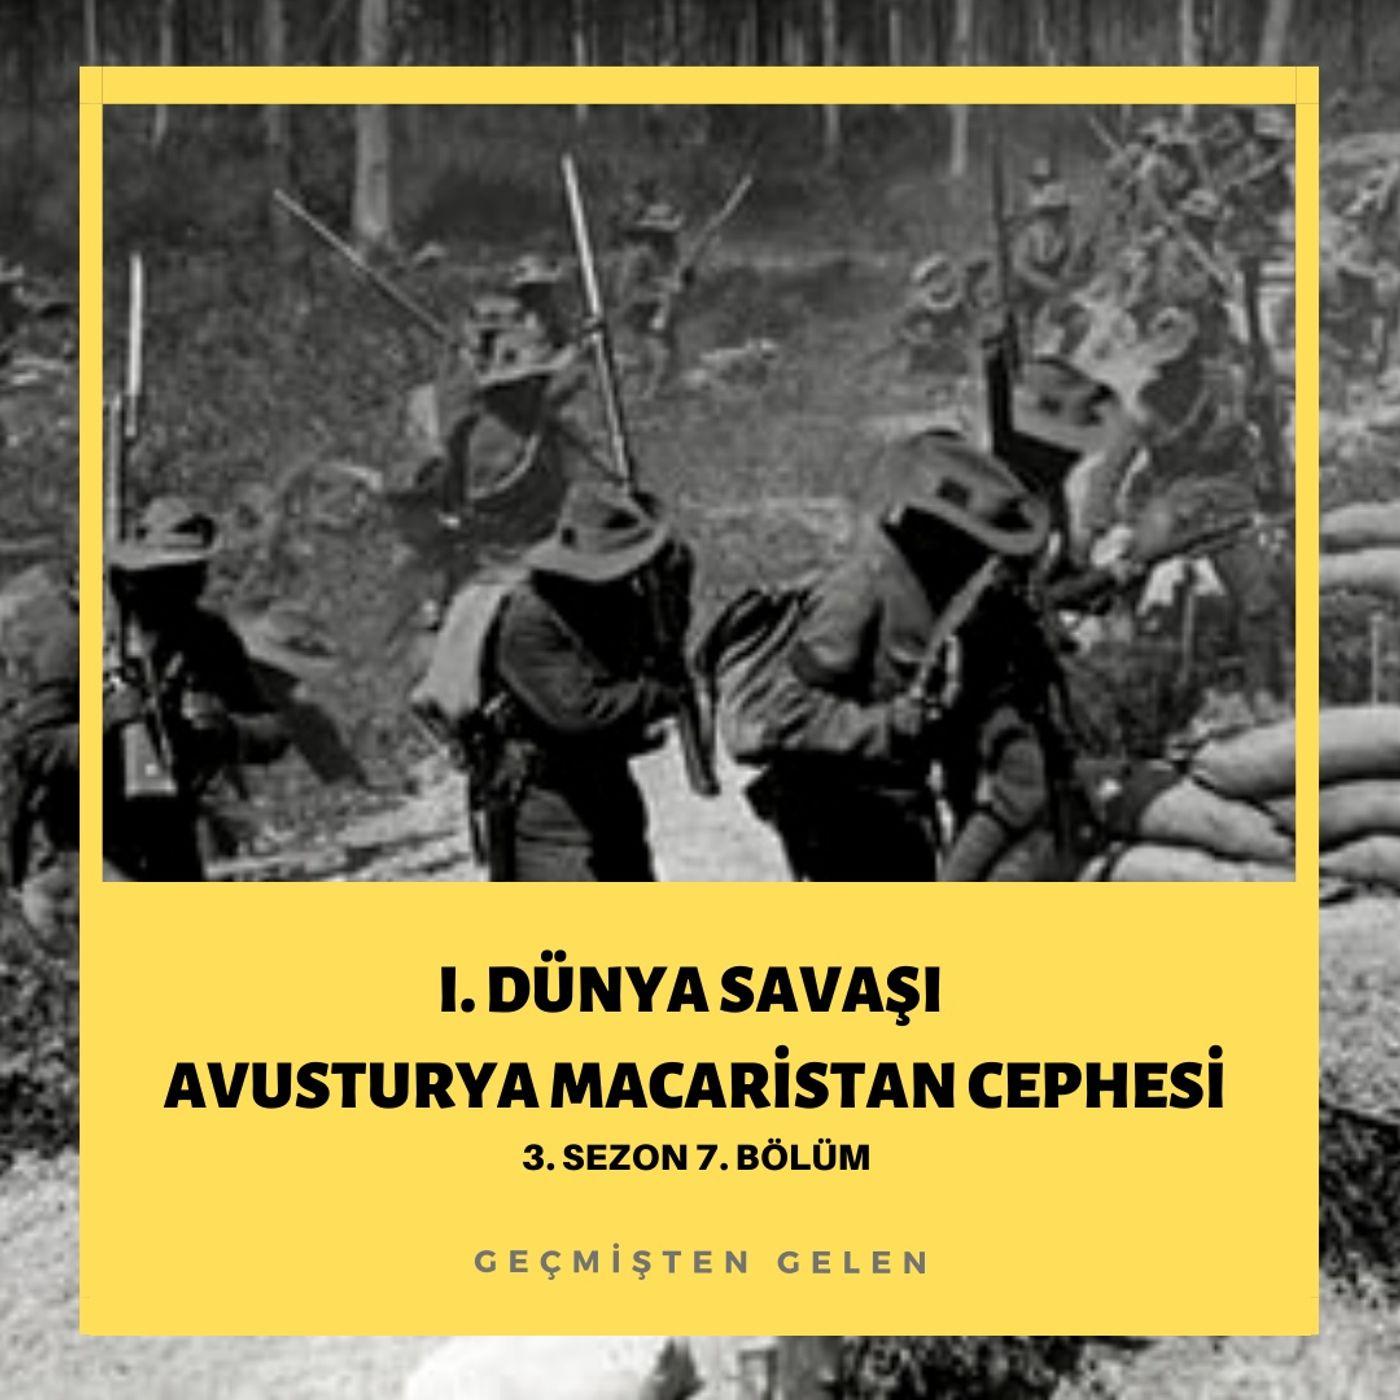 DÜNYA SAVAŞIYOR.07 - I. Dünya Savaşı Avusturya Macaristan Cephesi